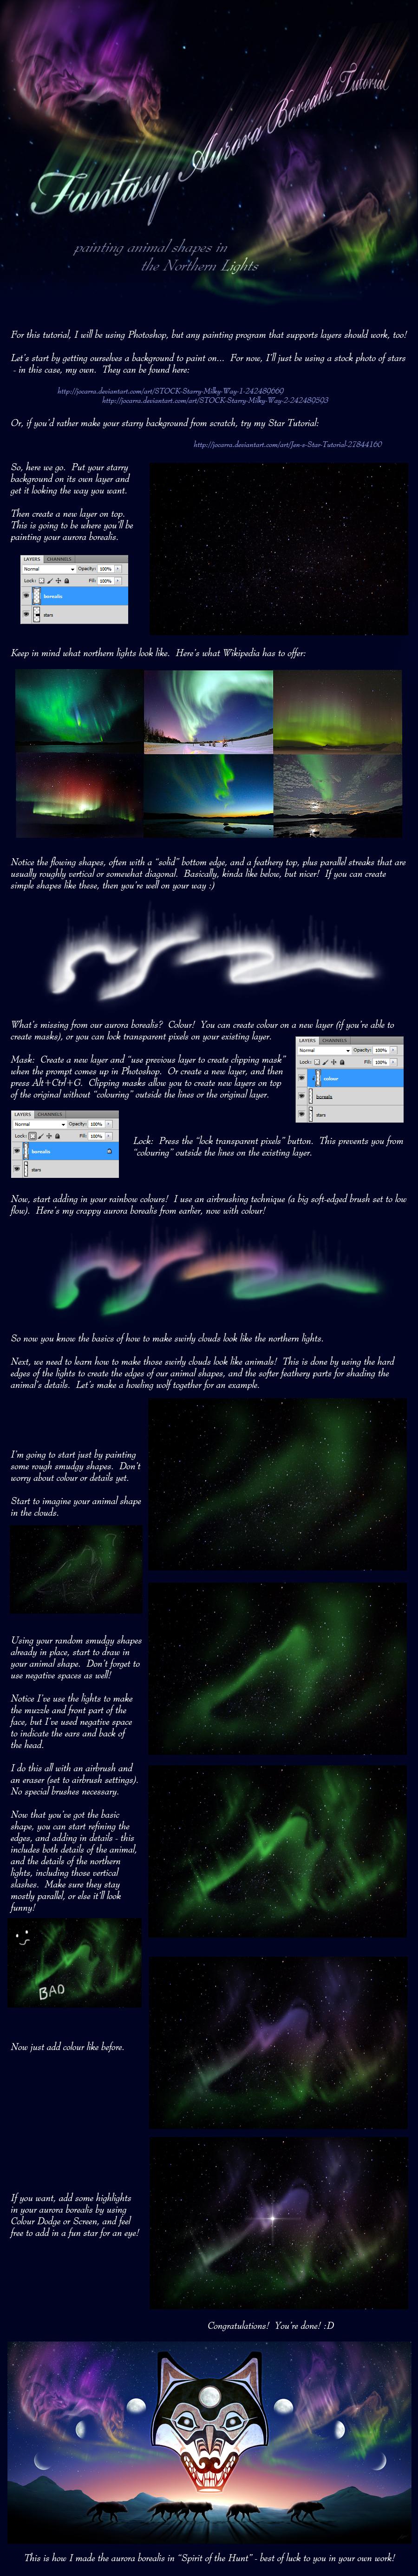 Fantasy Aurora Borealis Tutorial by jocarra